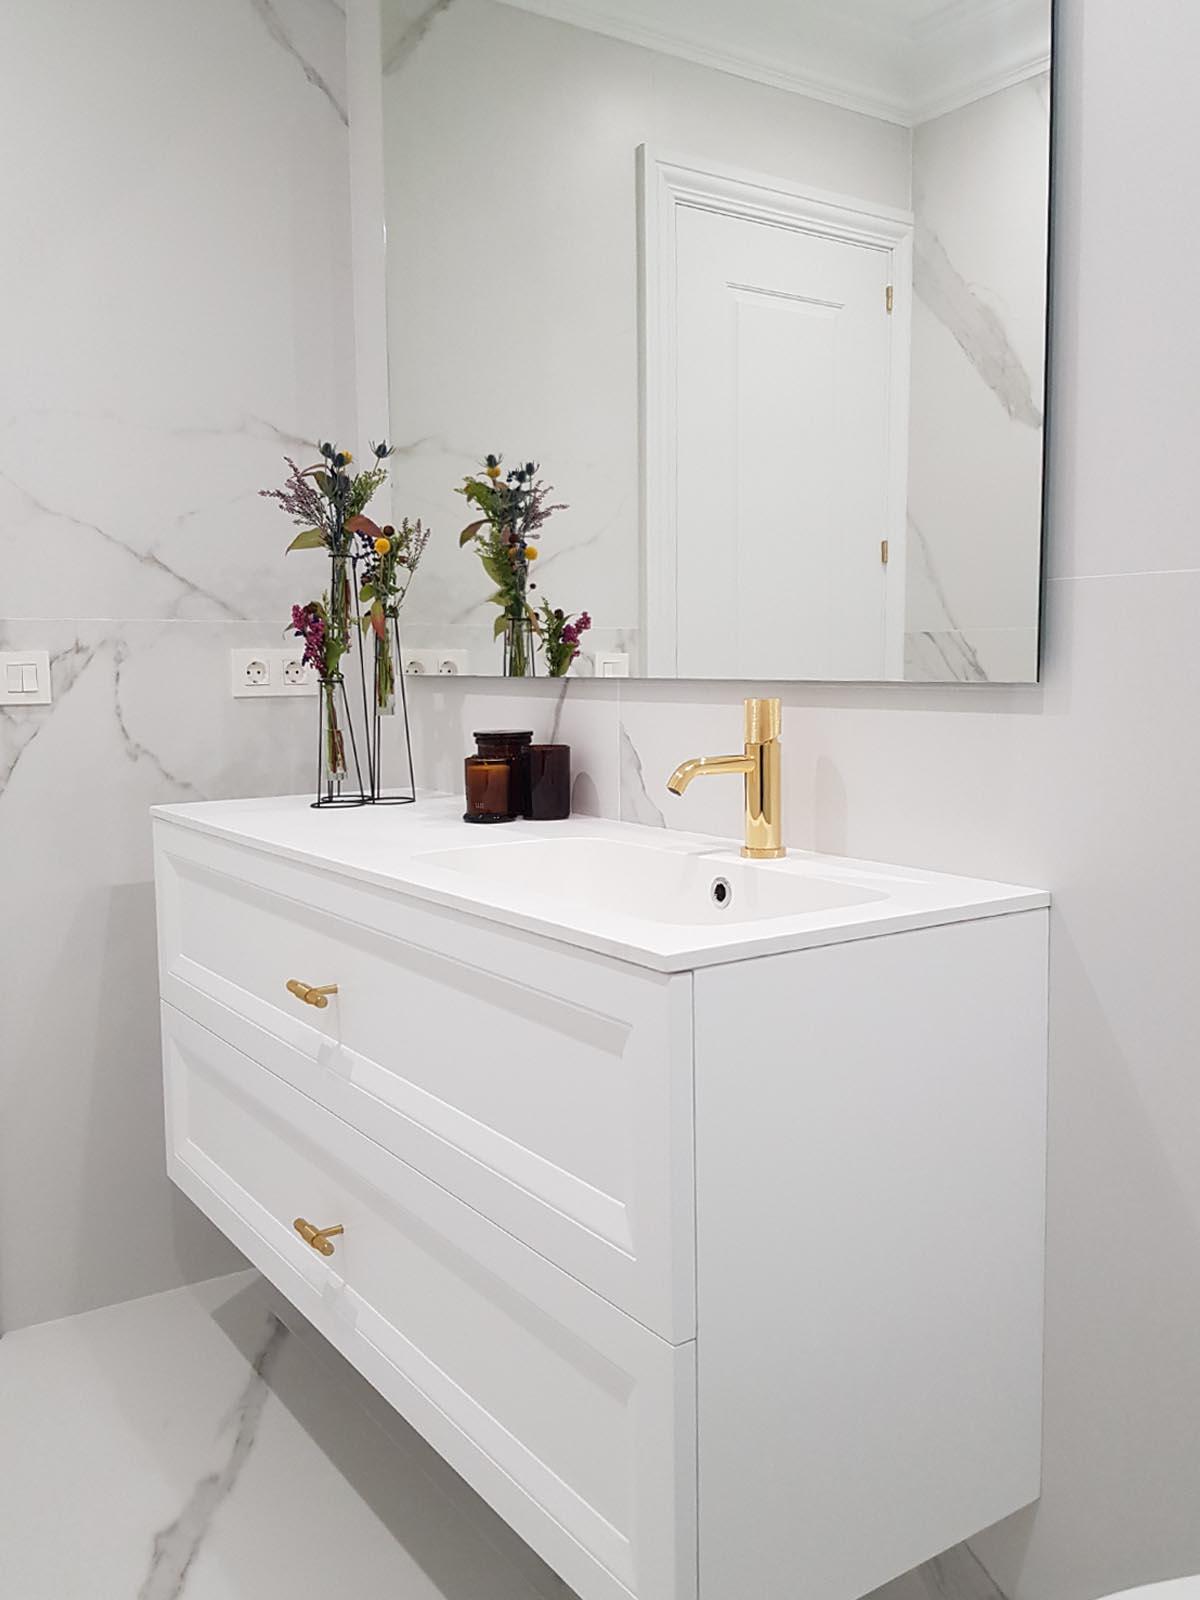 Reforma baño blanco y dorado